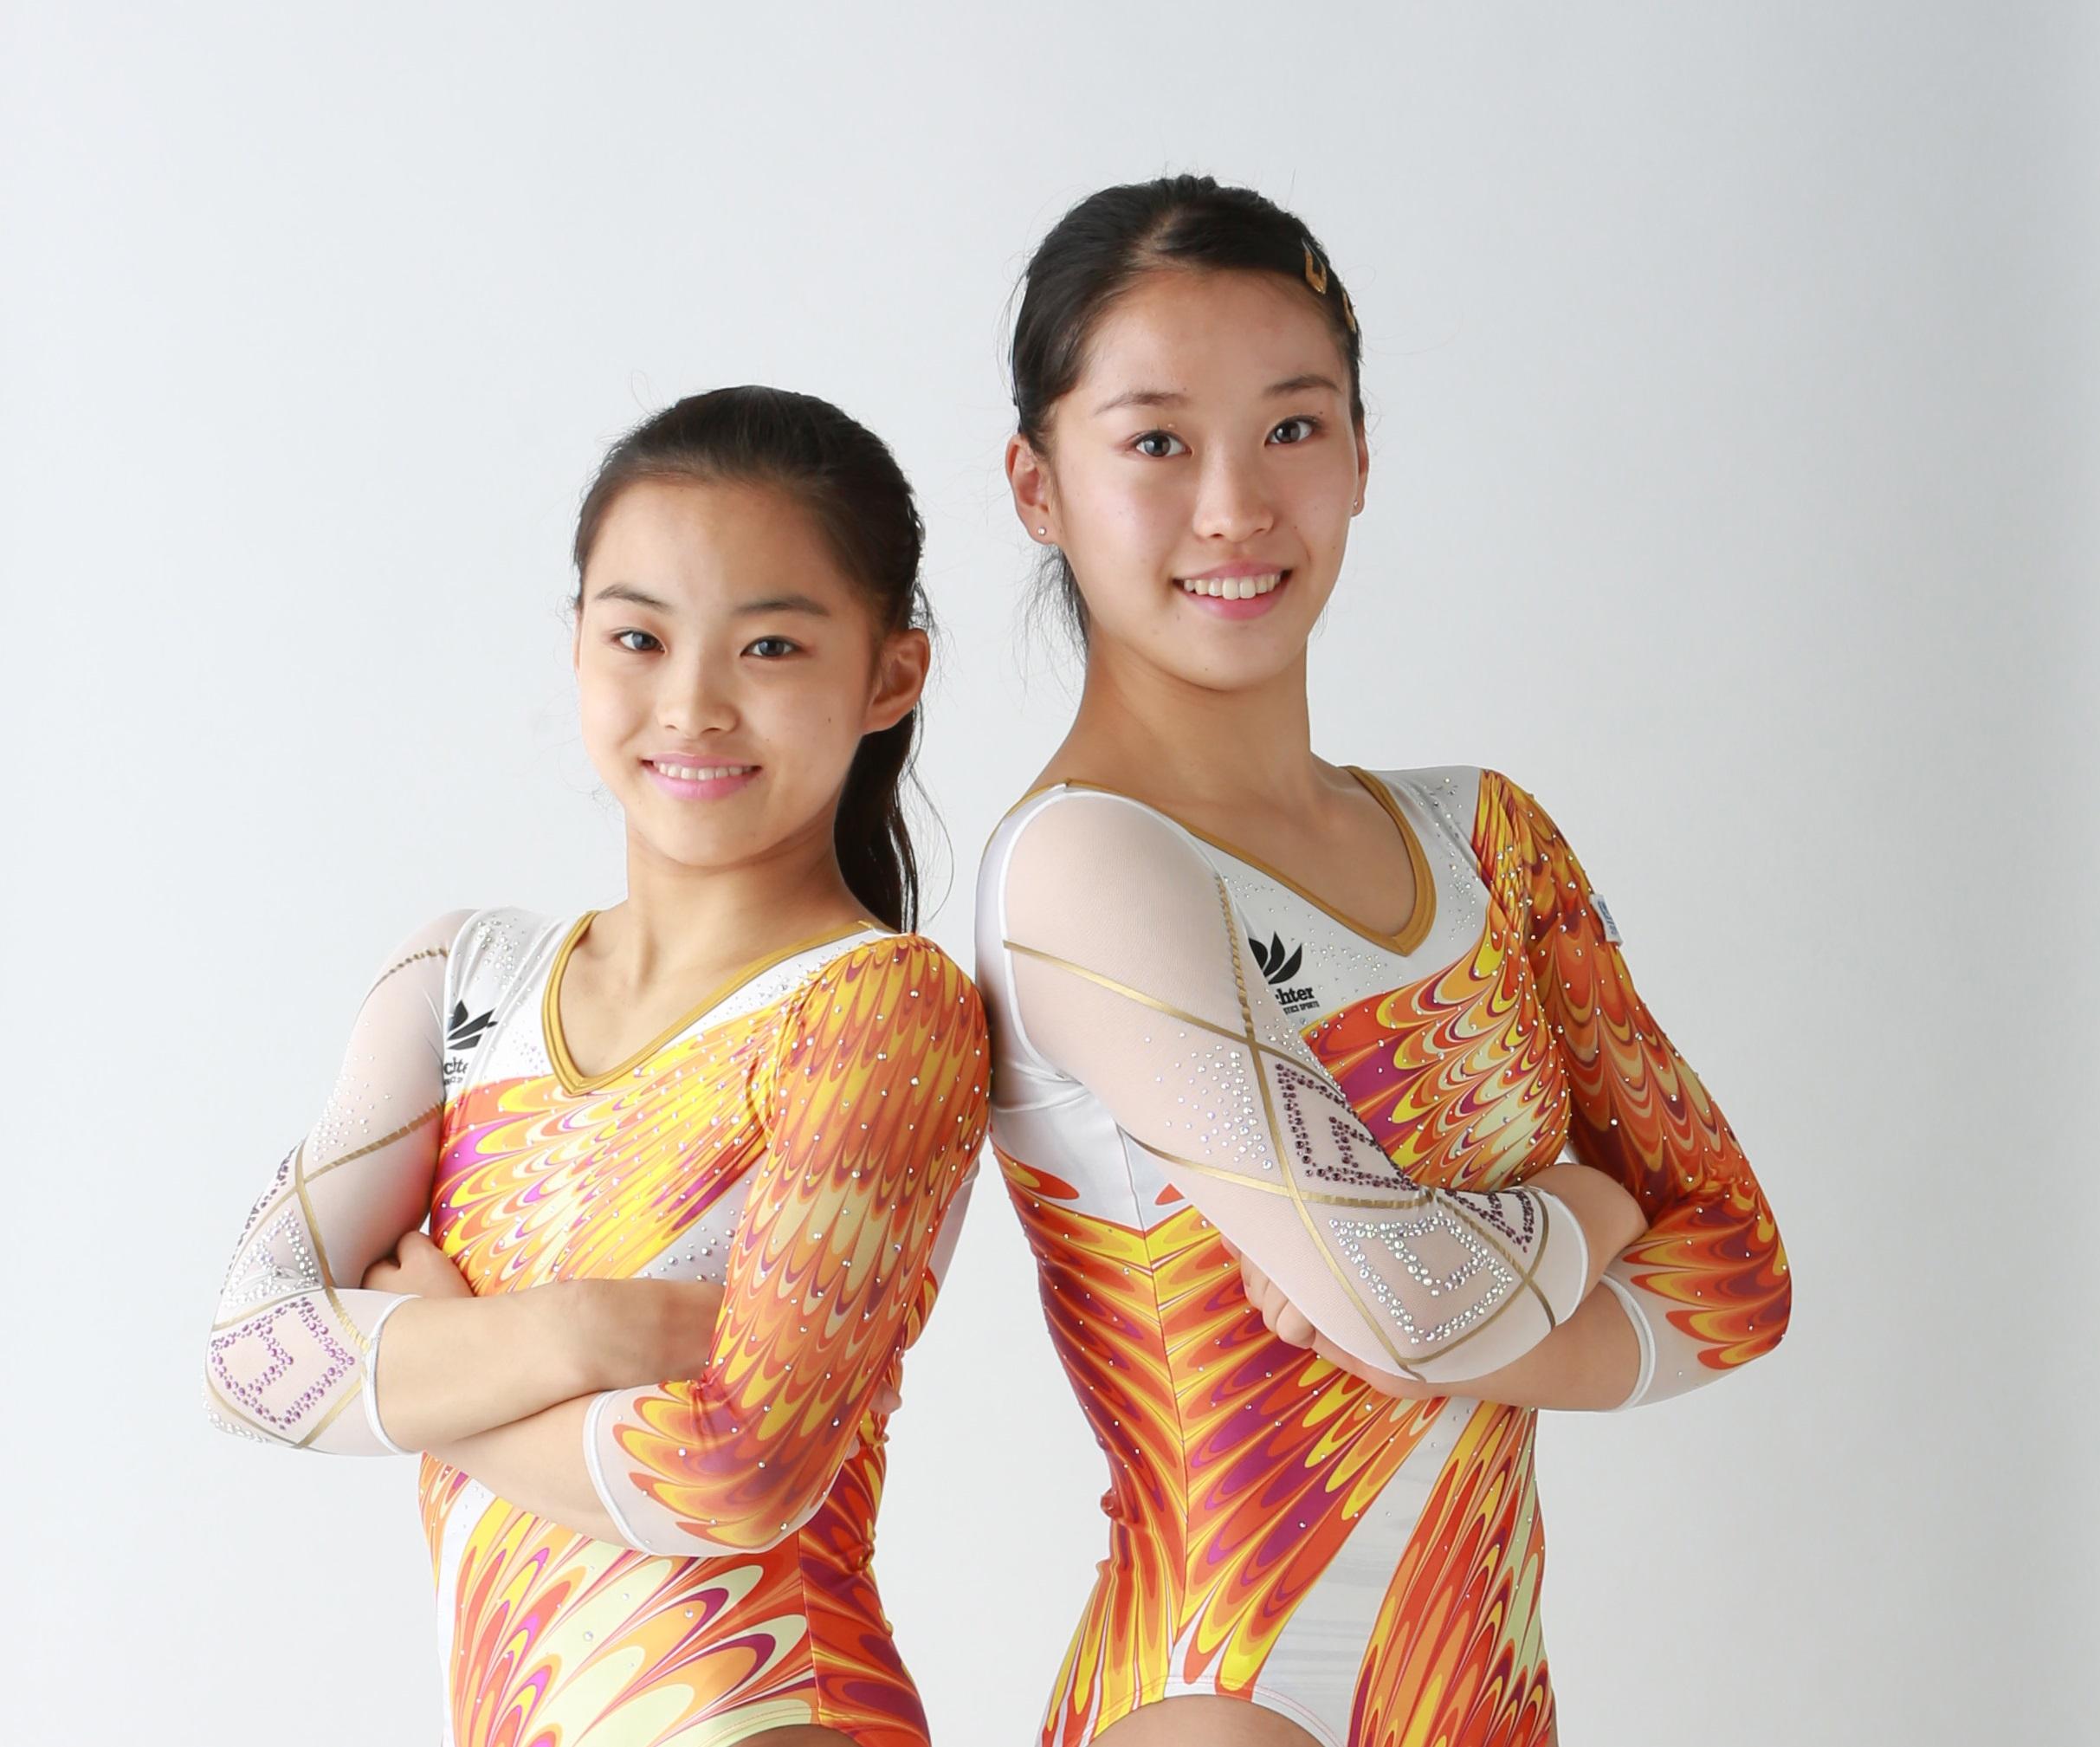 セントラルスポーツの各競技チームをご紹介!【Part2】 | ブログ ...